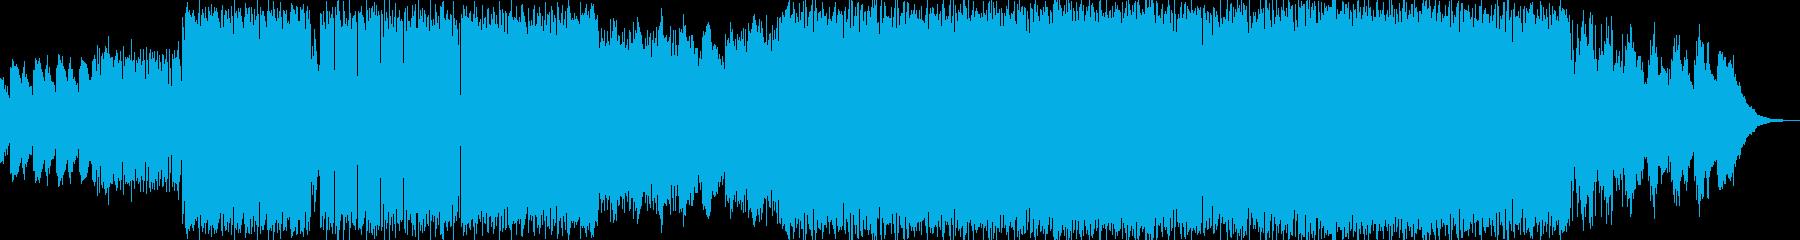 疾走感且つ浮遊感のあるビッグビートの再生済みの波形